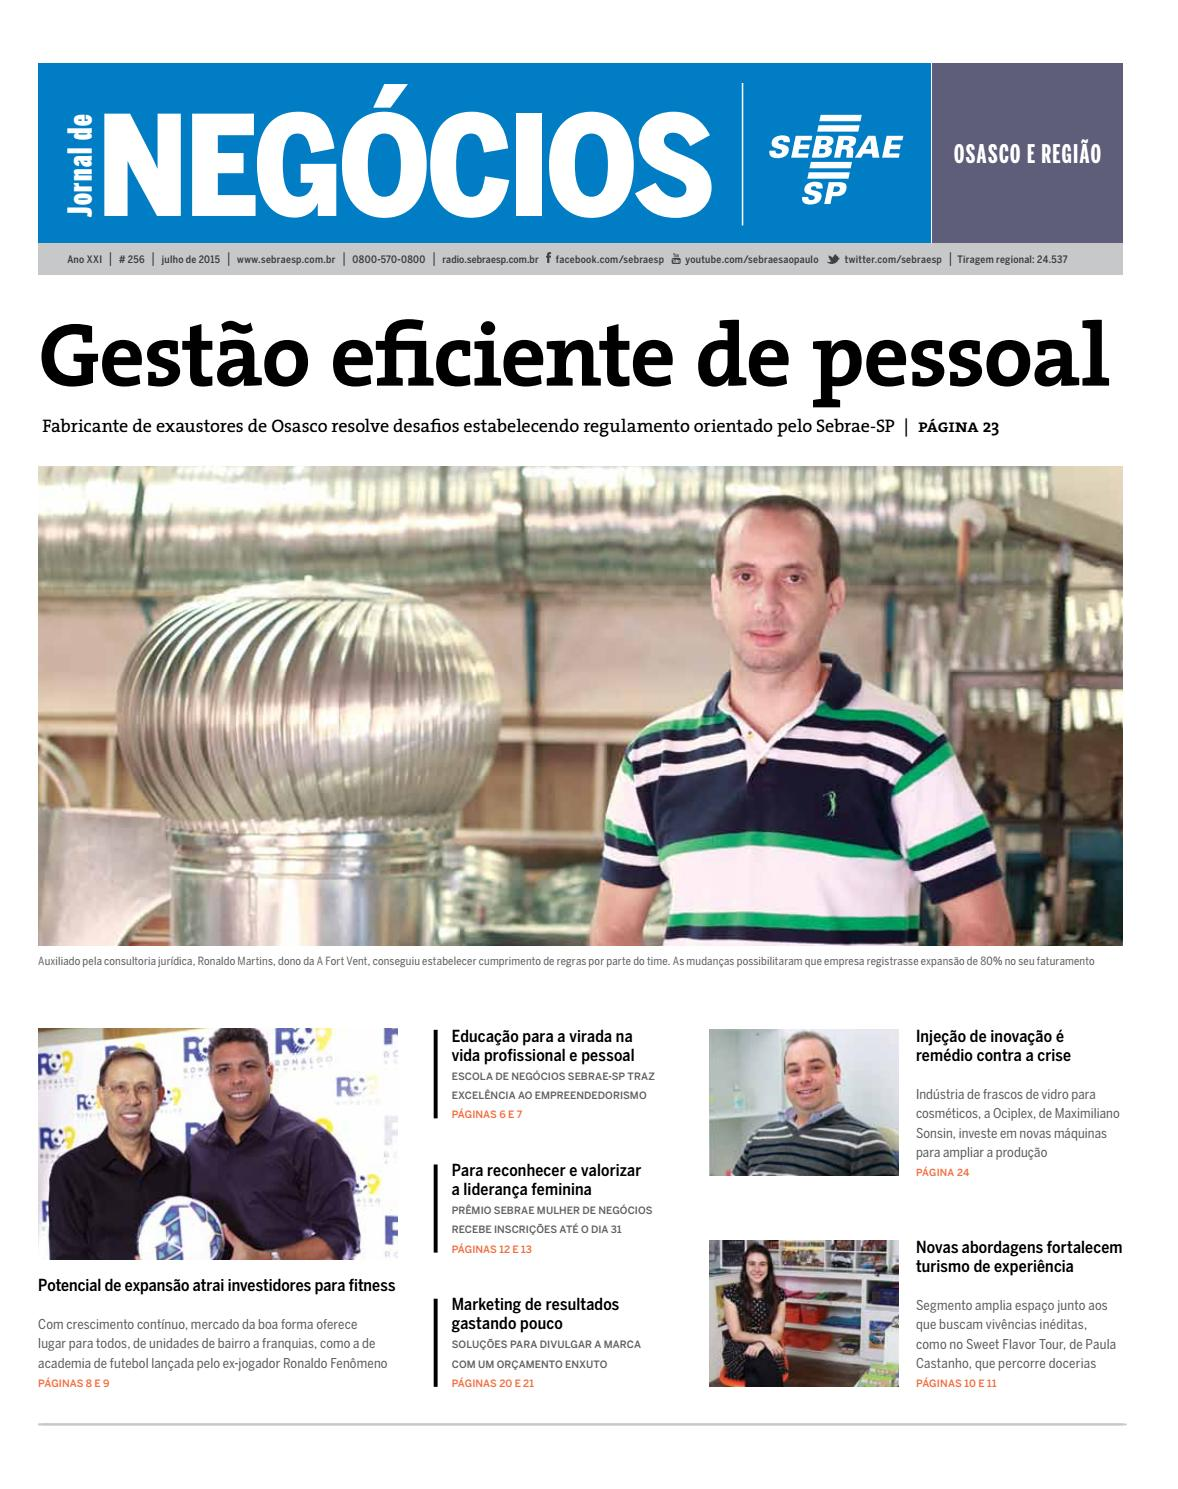 Jornal De Neg Cios Sebrae Sp Julho De 2015 Osasco E Regi O By